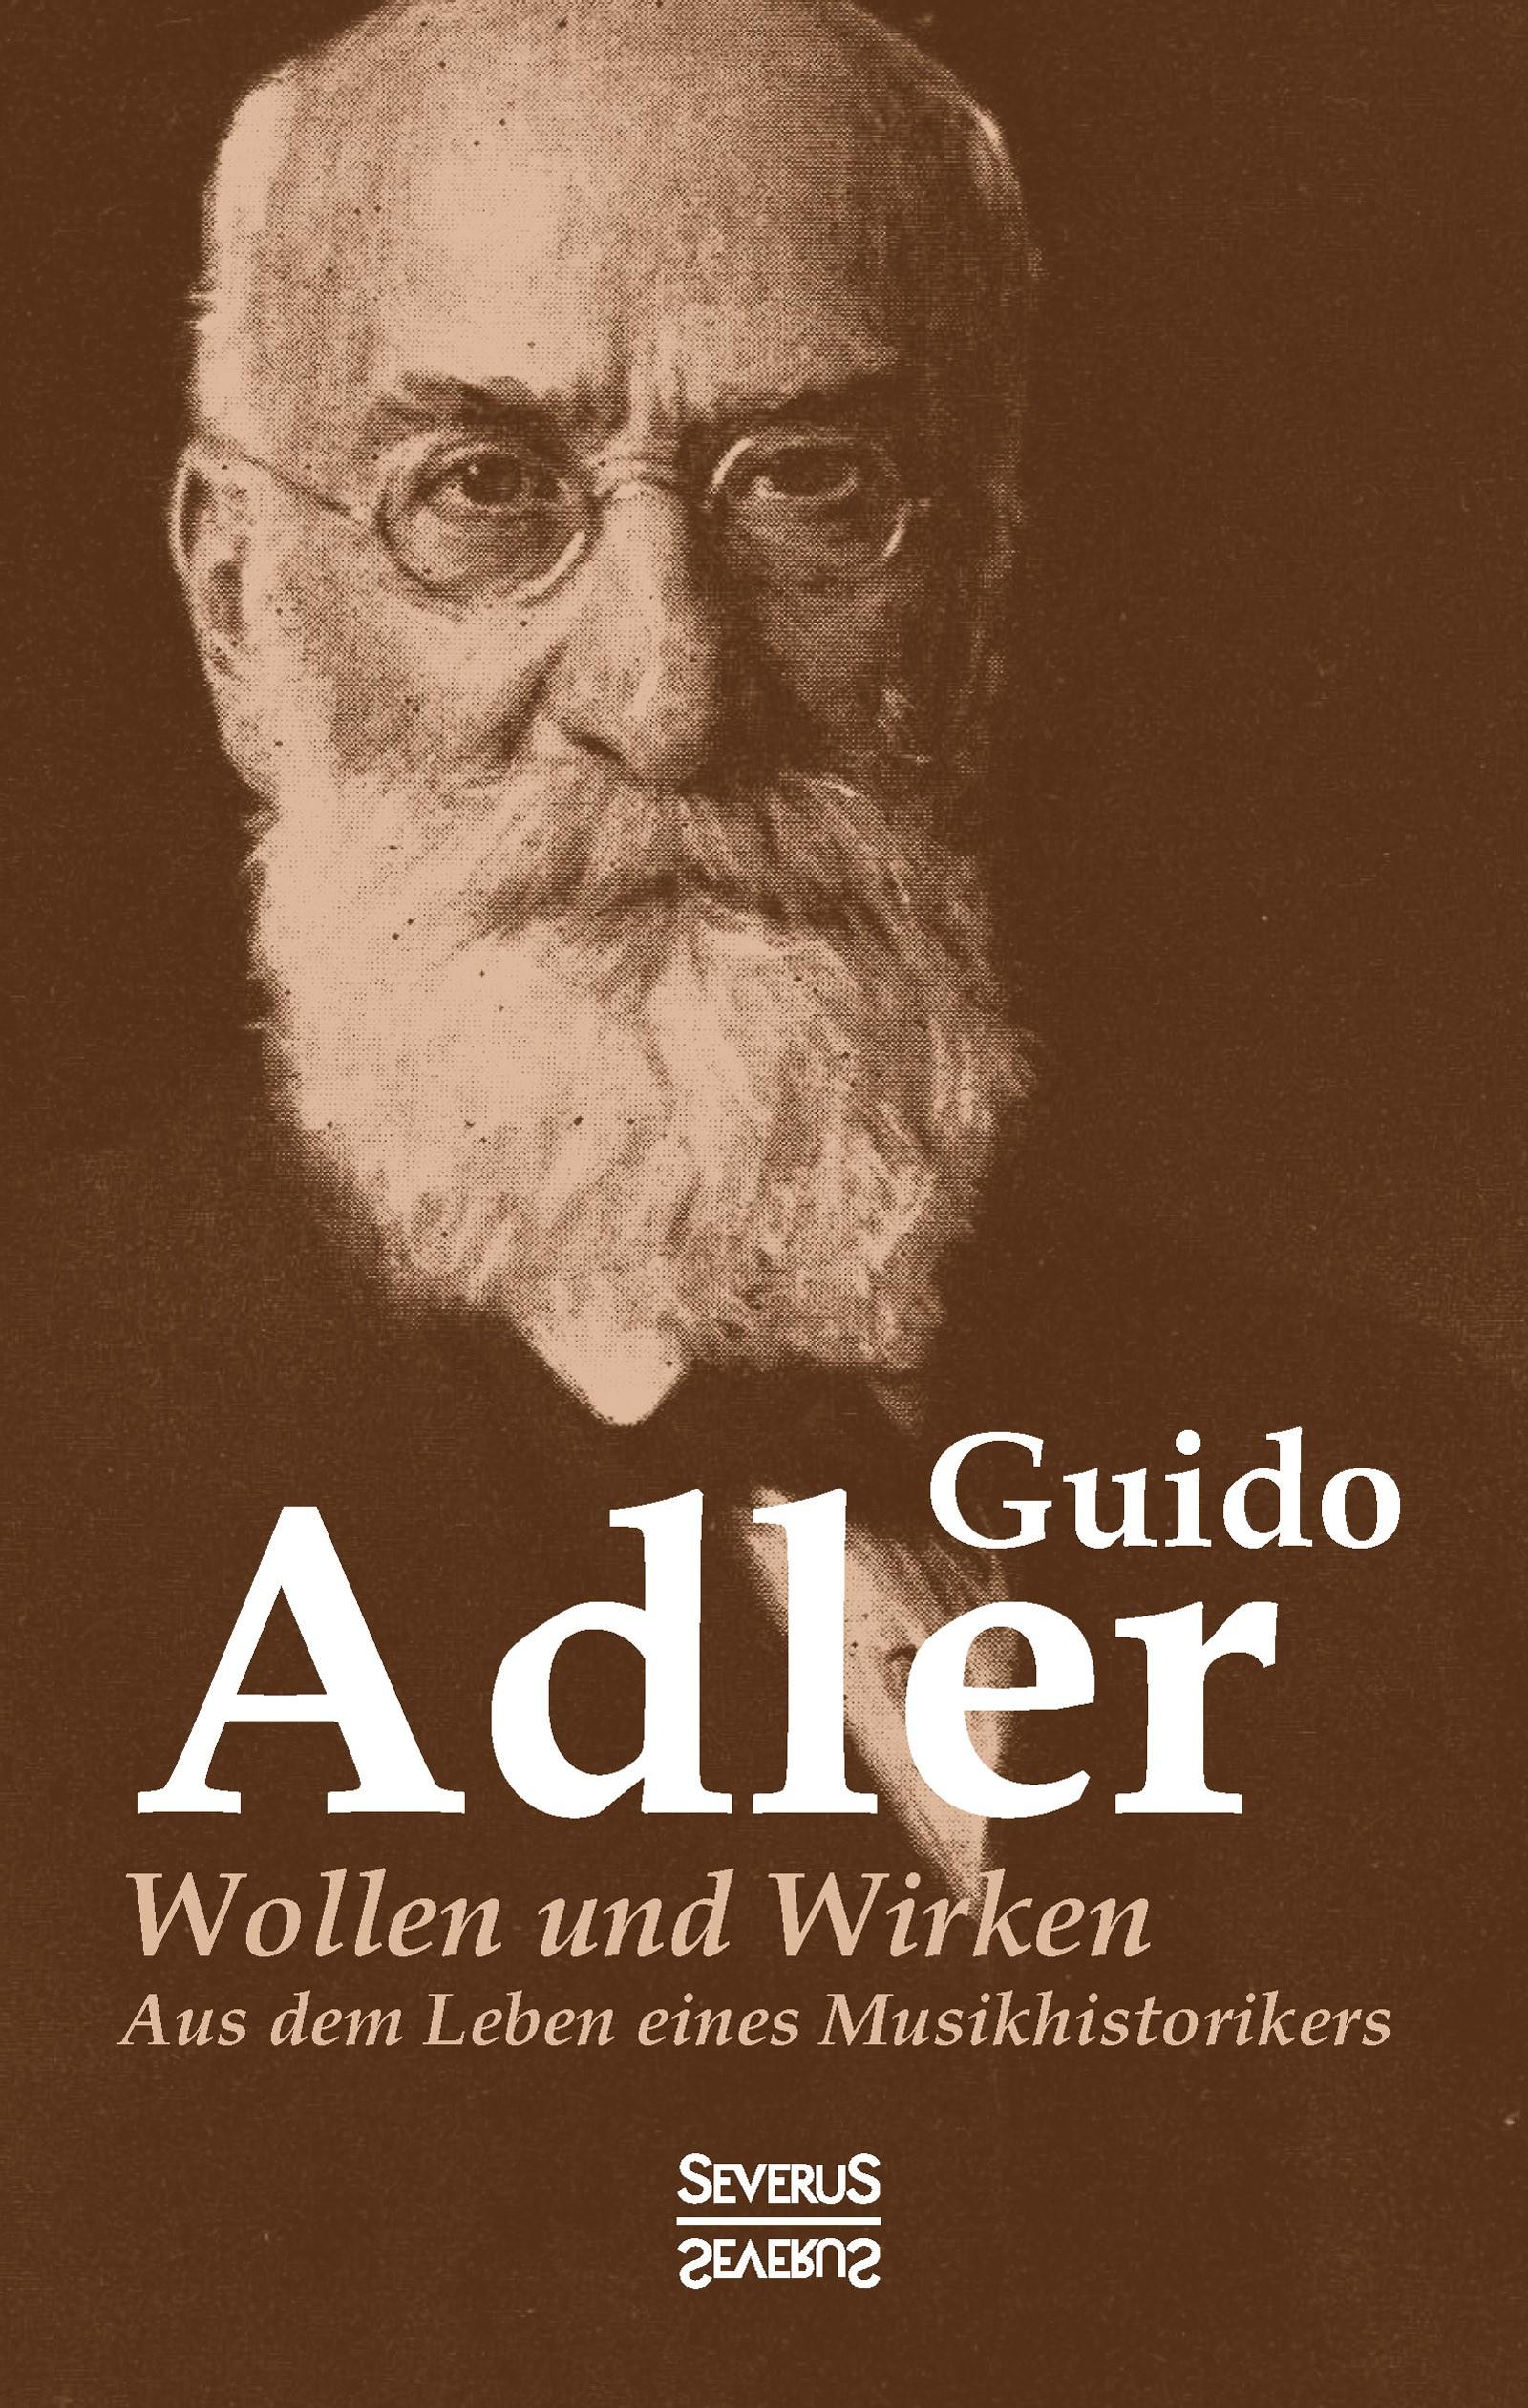 Abbildung von Adler | Wollen und Wirken: aus dem Leben eines Musikhistorikers | 2016